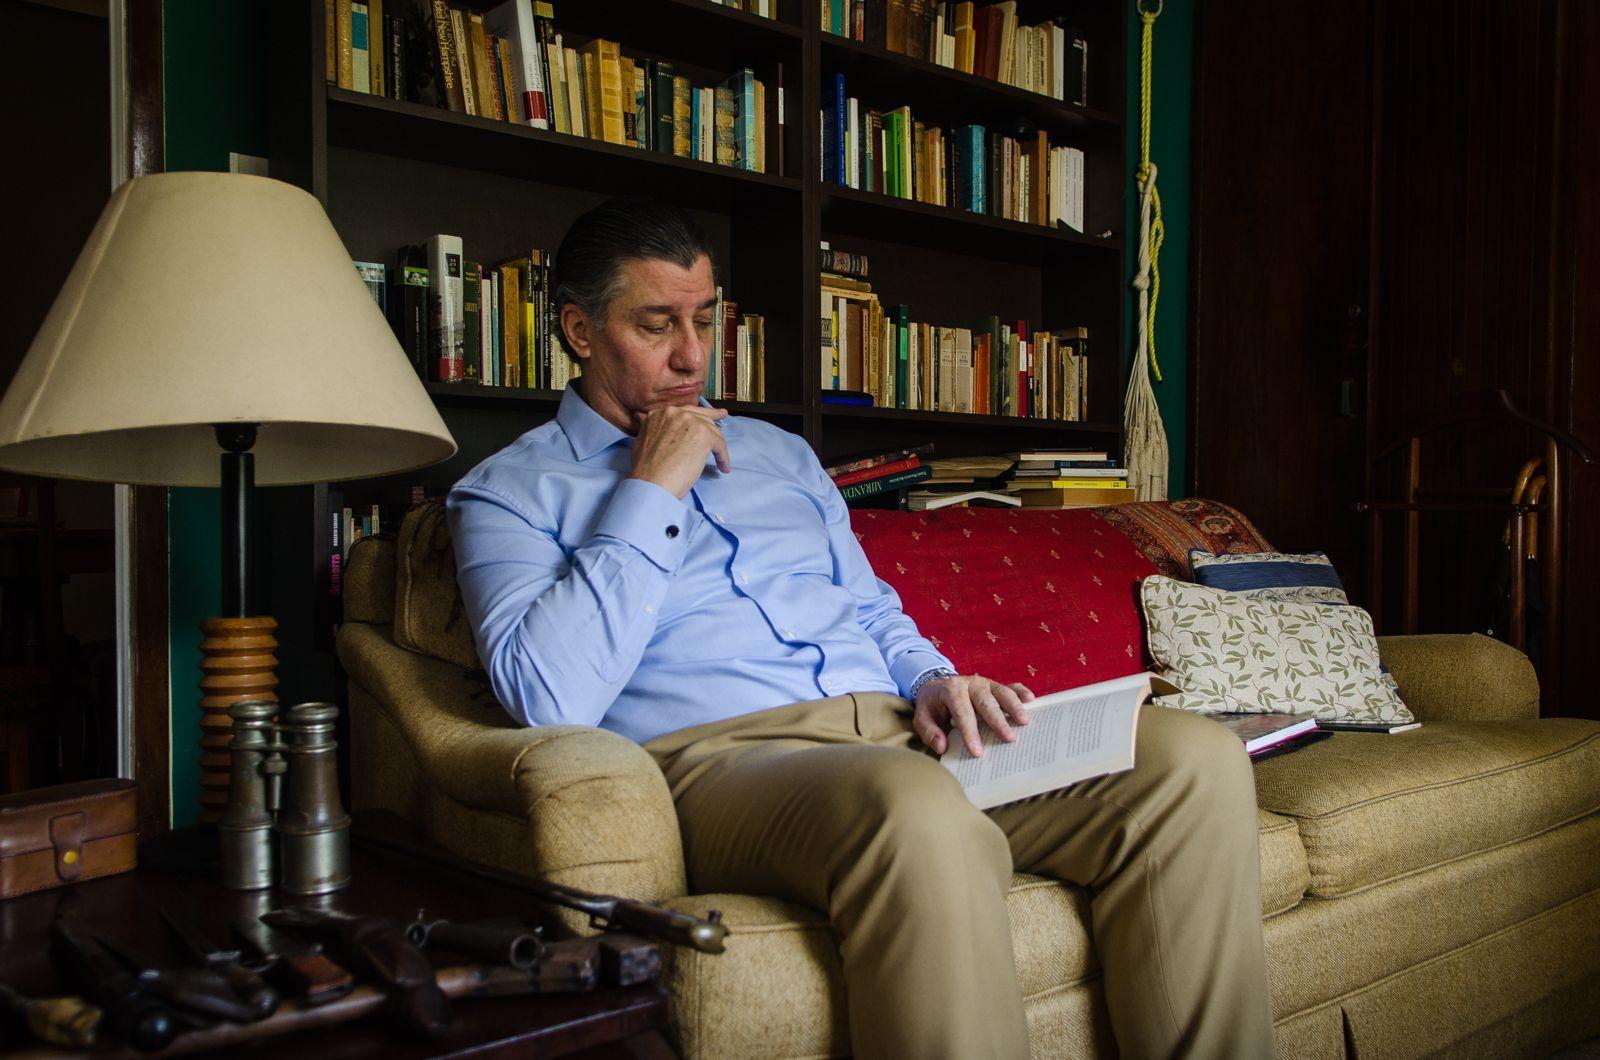 Karl Krispin en la sala de su casa Foto: Miguel Hurtdo